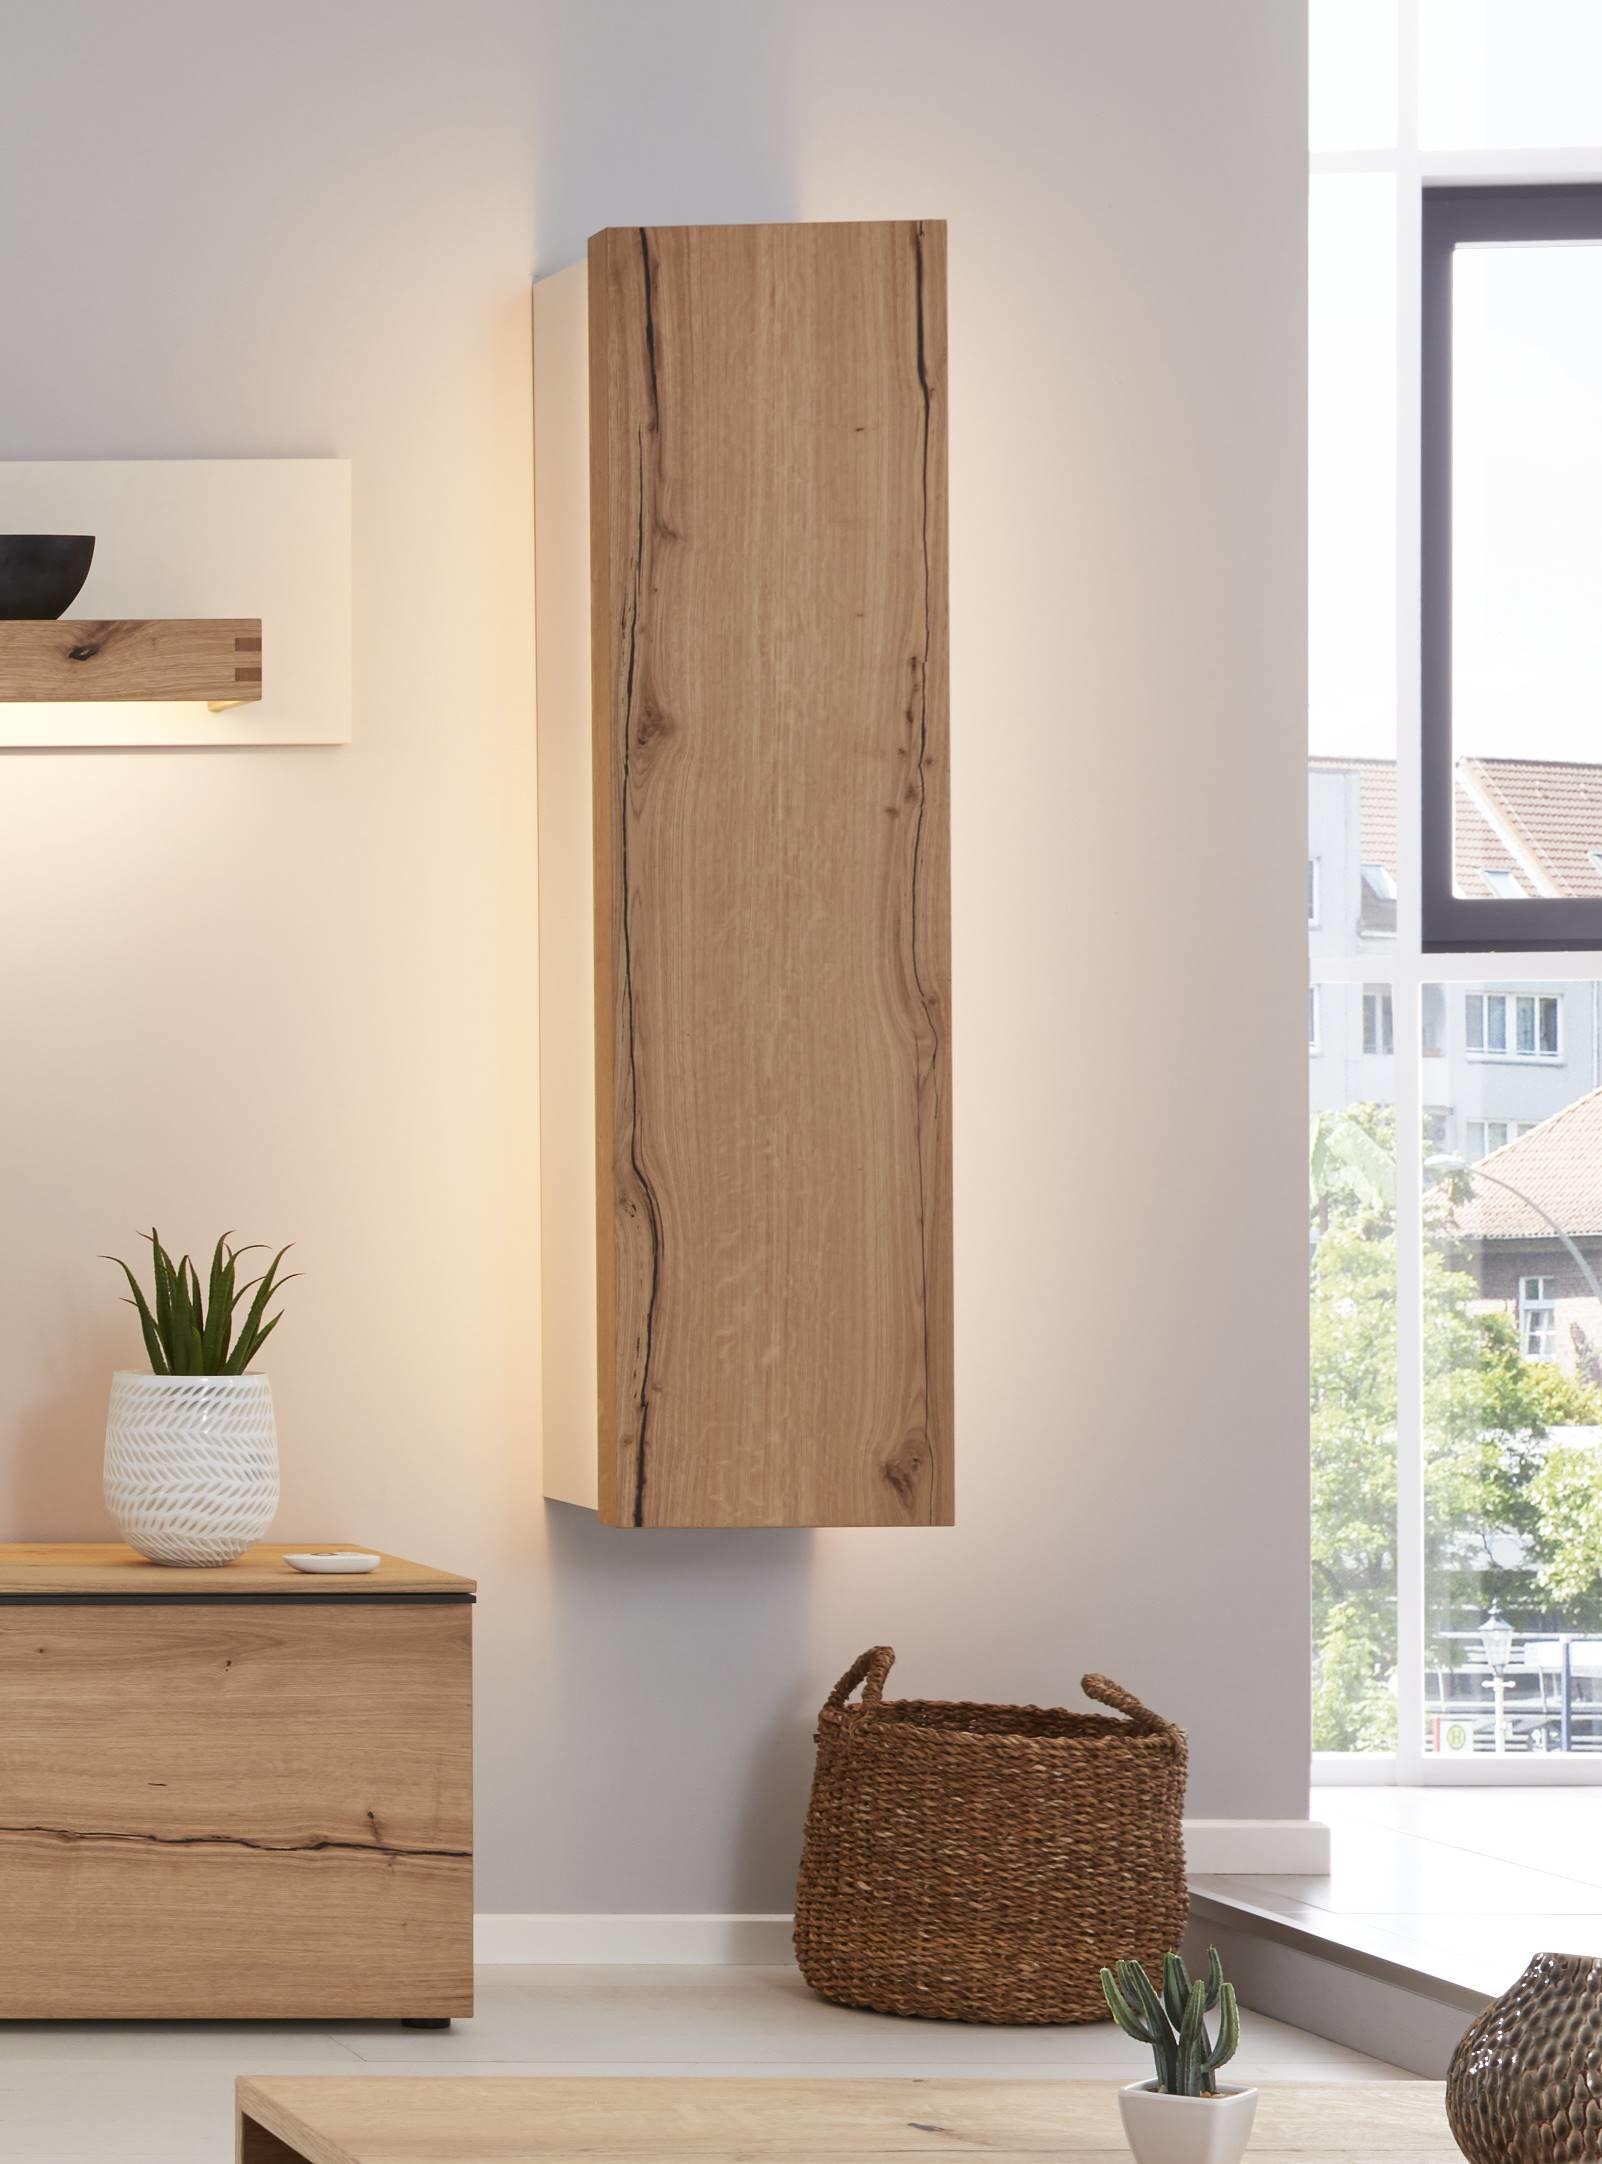 Interliving Wohnzimmer Serie 2103 – Hängeelement mit Beleuchtung,  mattweißer Lack & Asteiche – eine Tür, rechts, Höhe ca